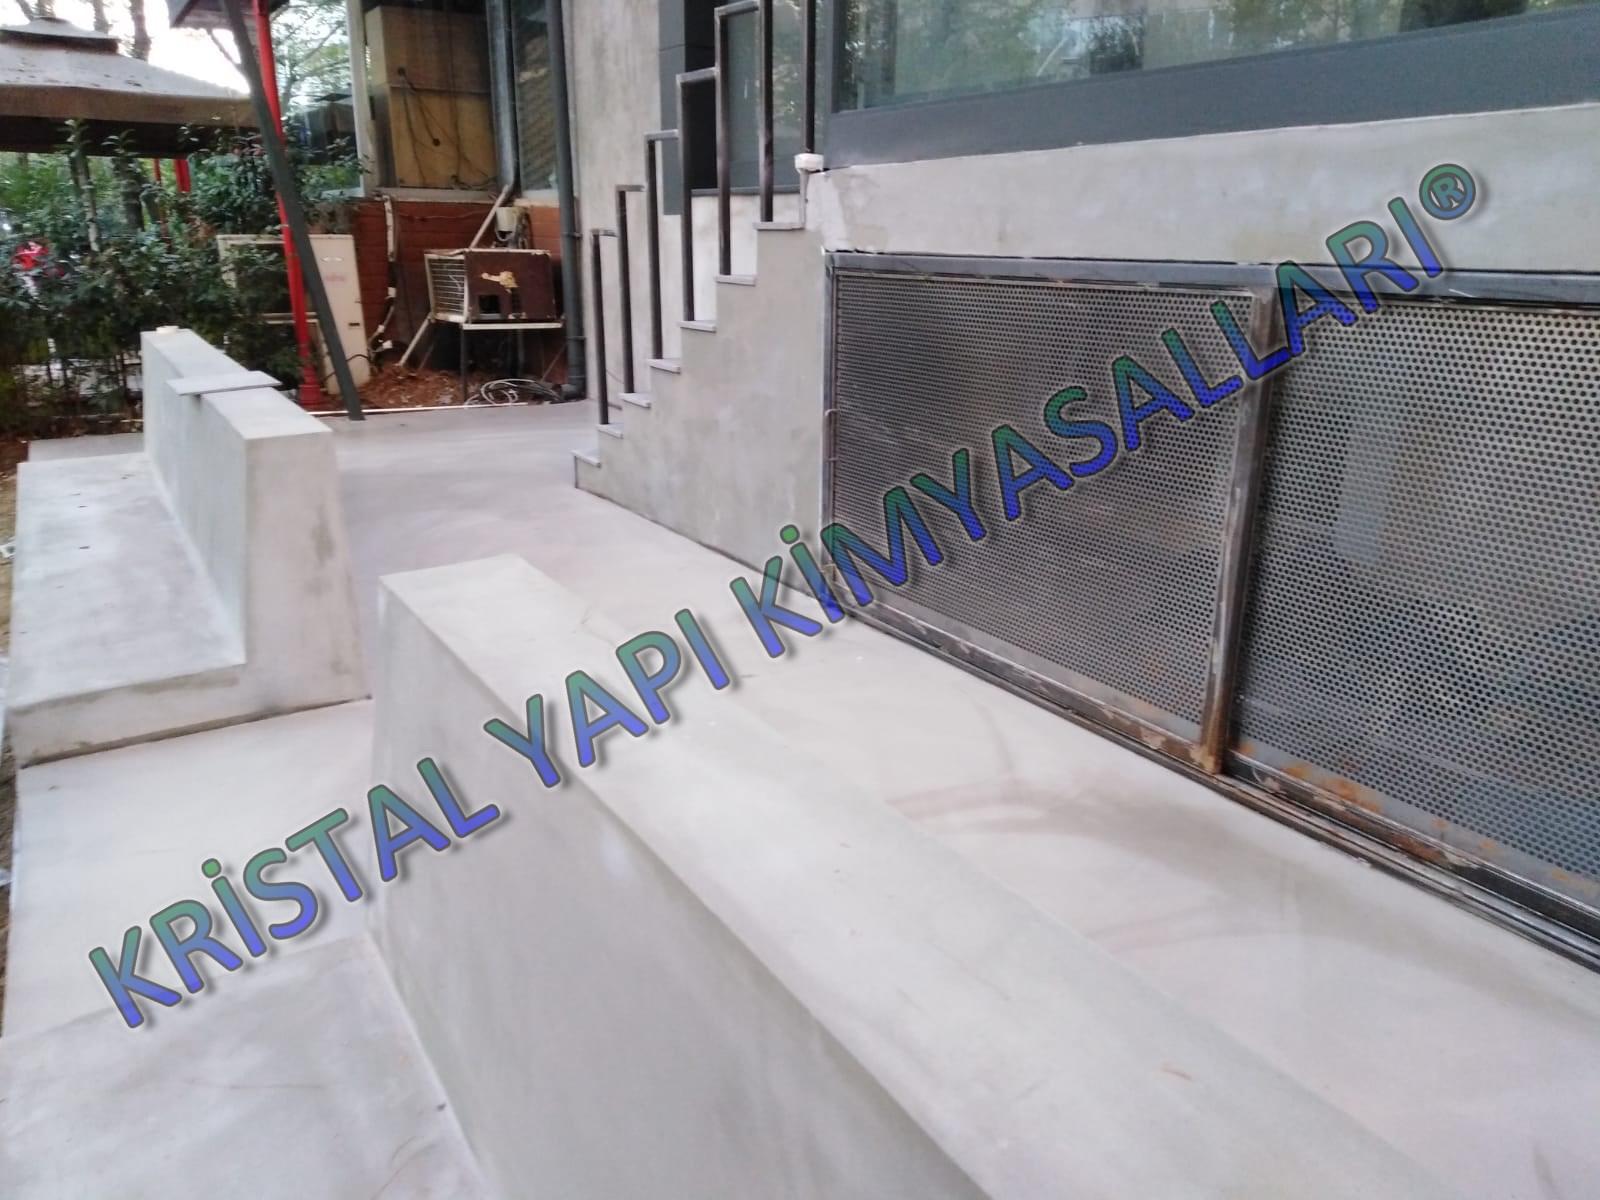 mikro beton zemin kaplama, dekoratif zemin duvar kaplama, beton görünümlü zemin kaplama